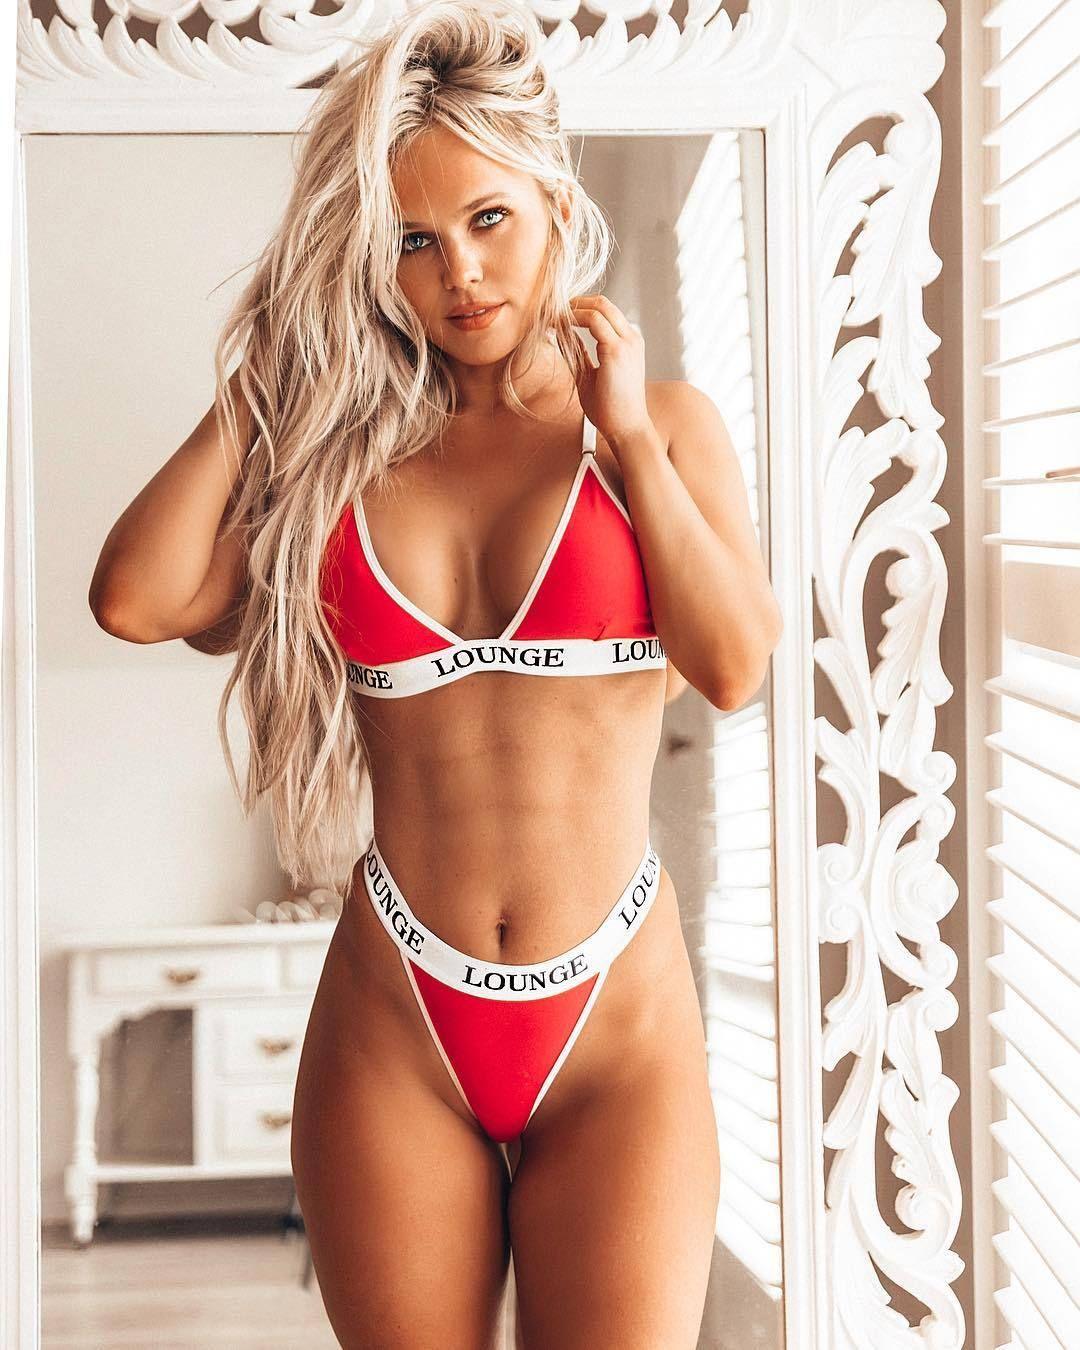 светиться, норвежская фитнес модель фото девицу сегодня